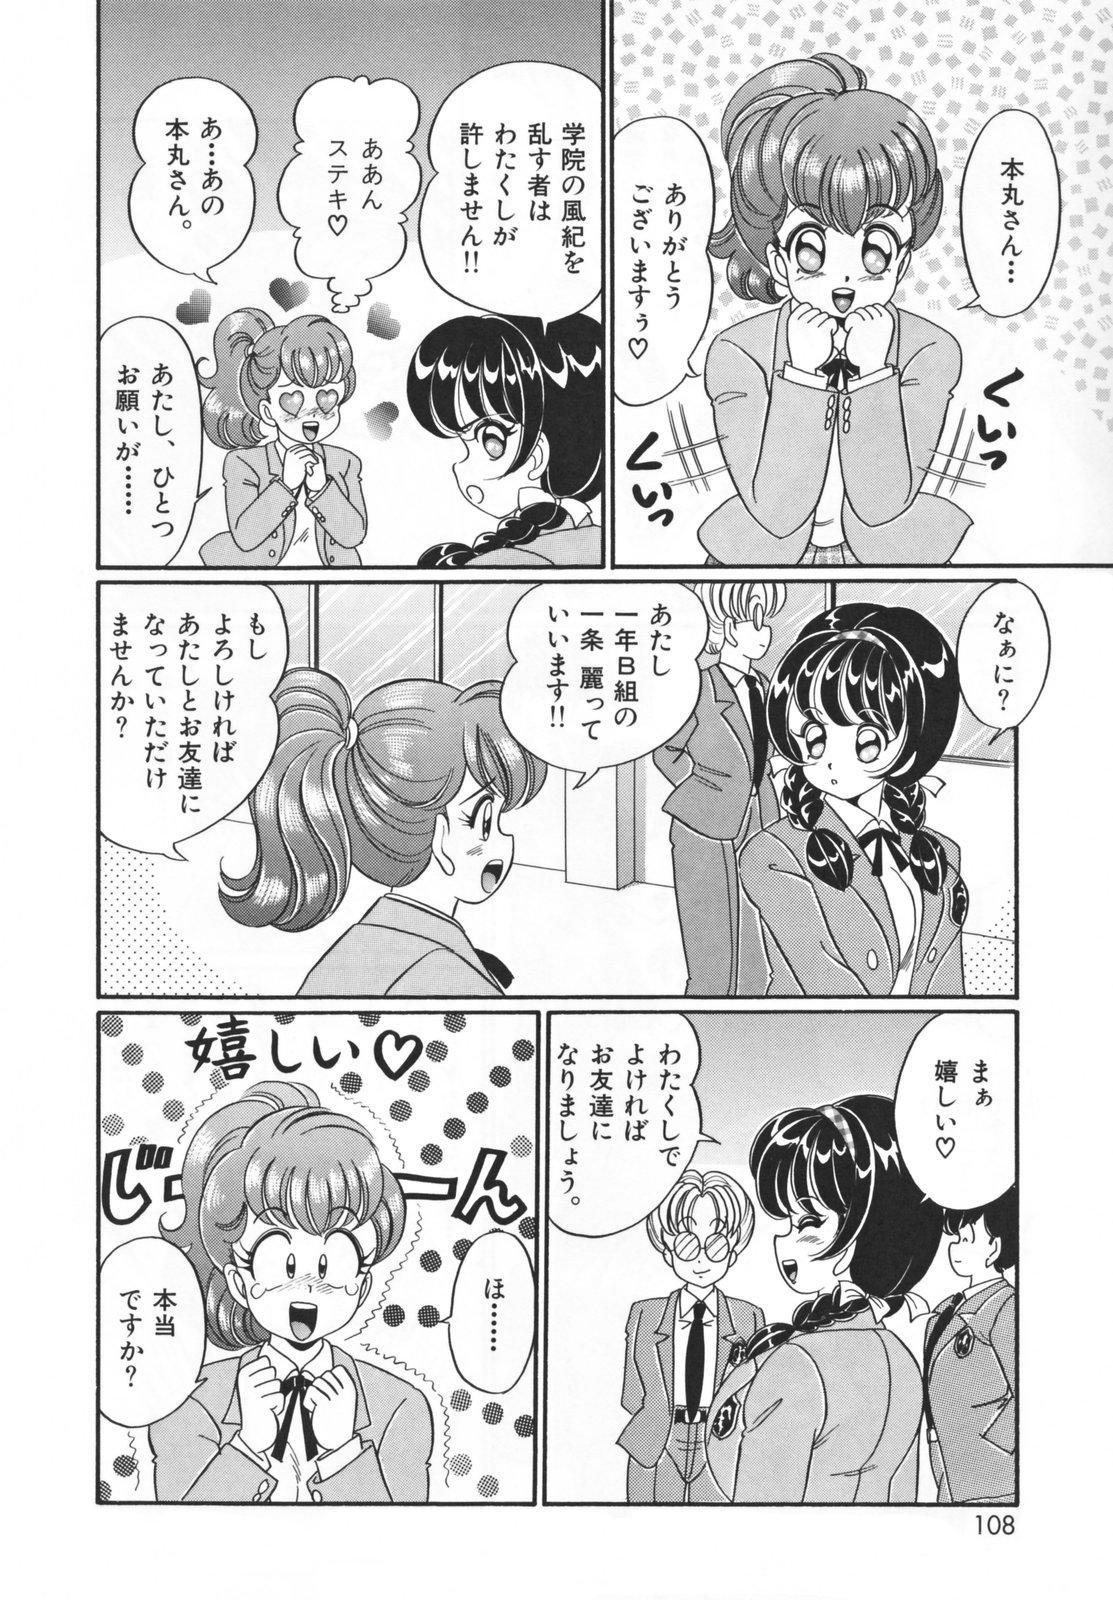 Houkago no Bakunyuu Hatsutaiken 107